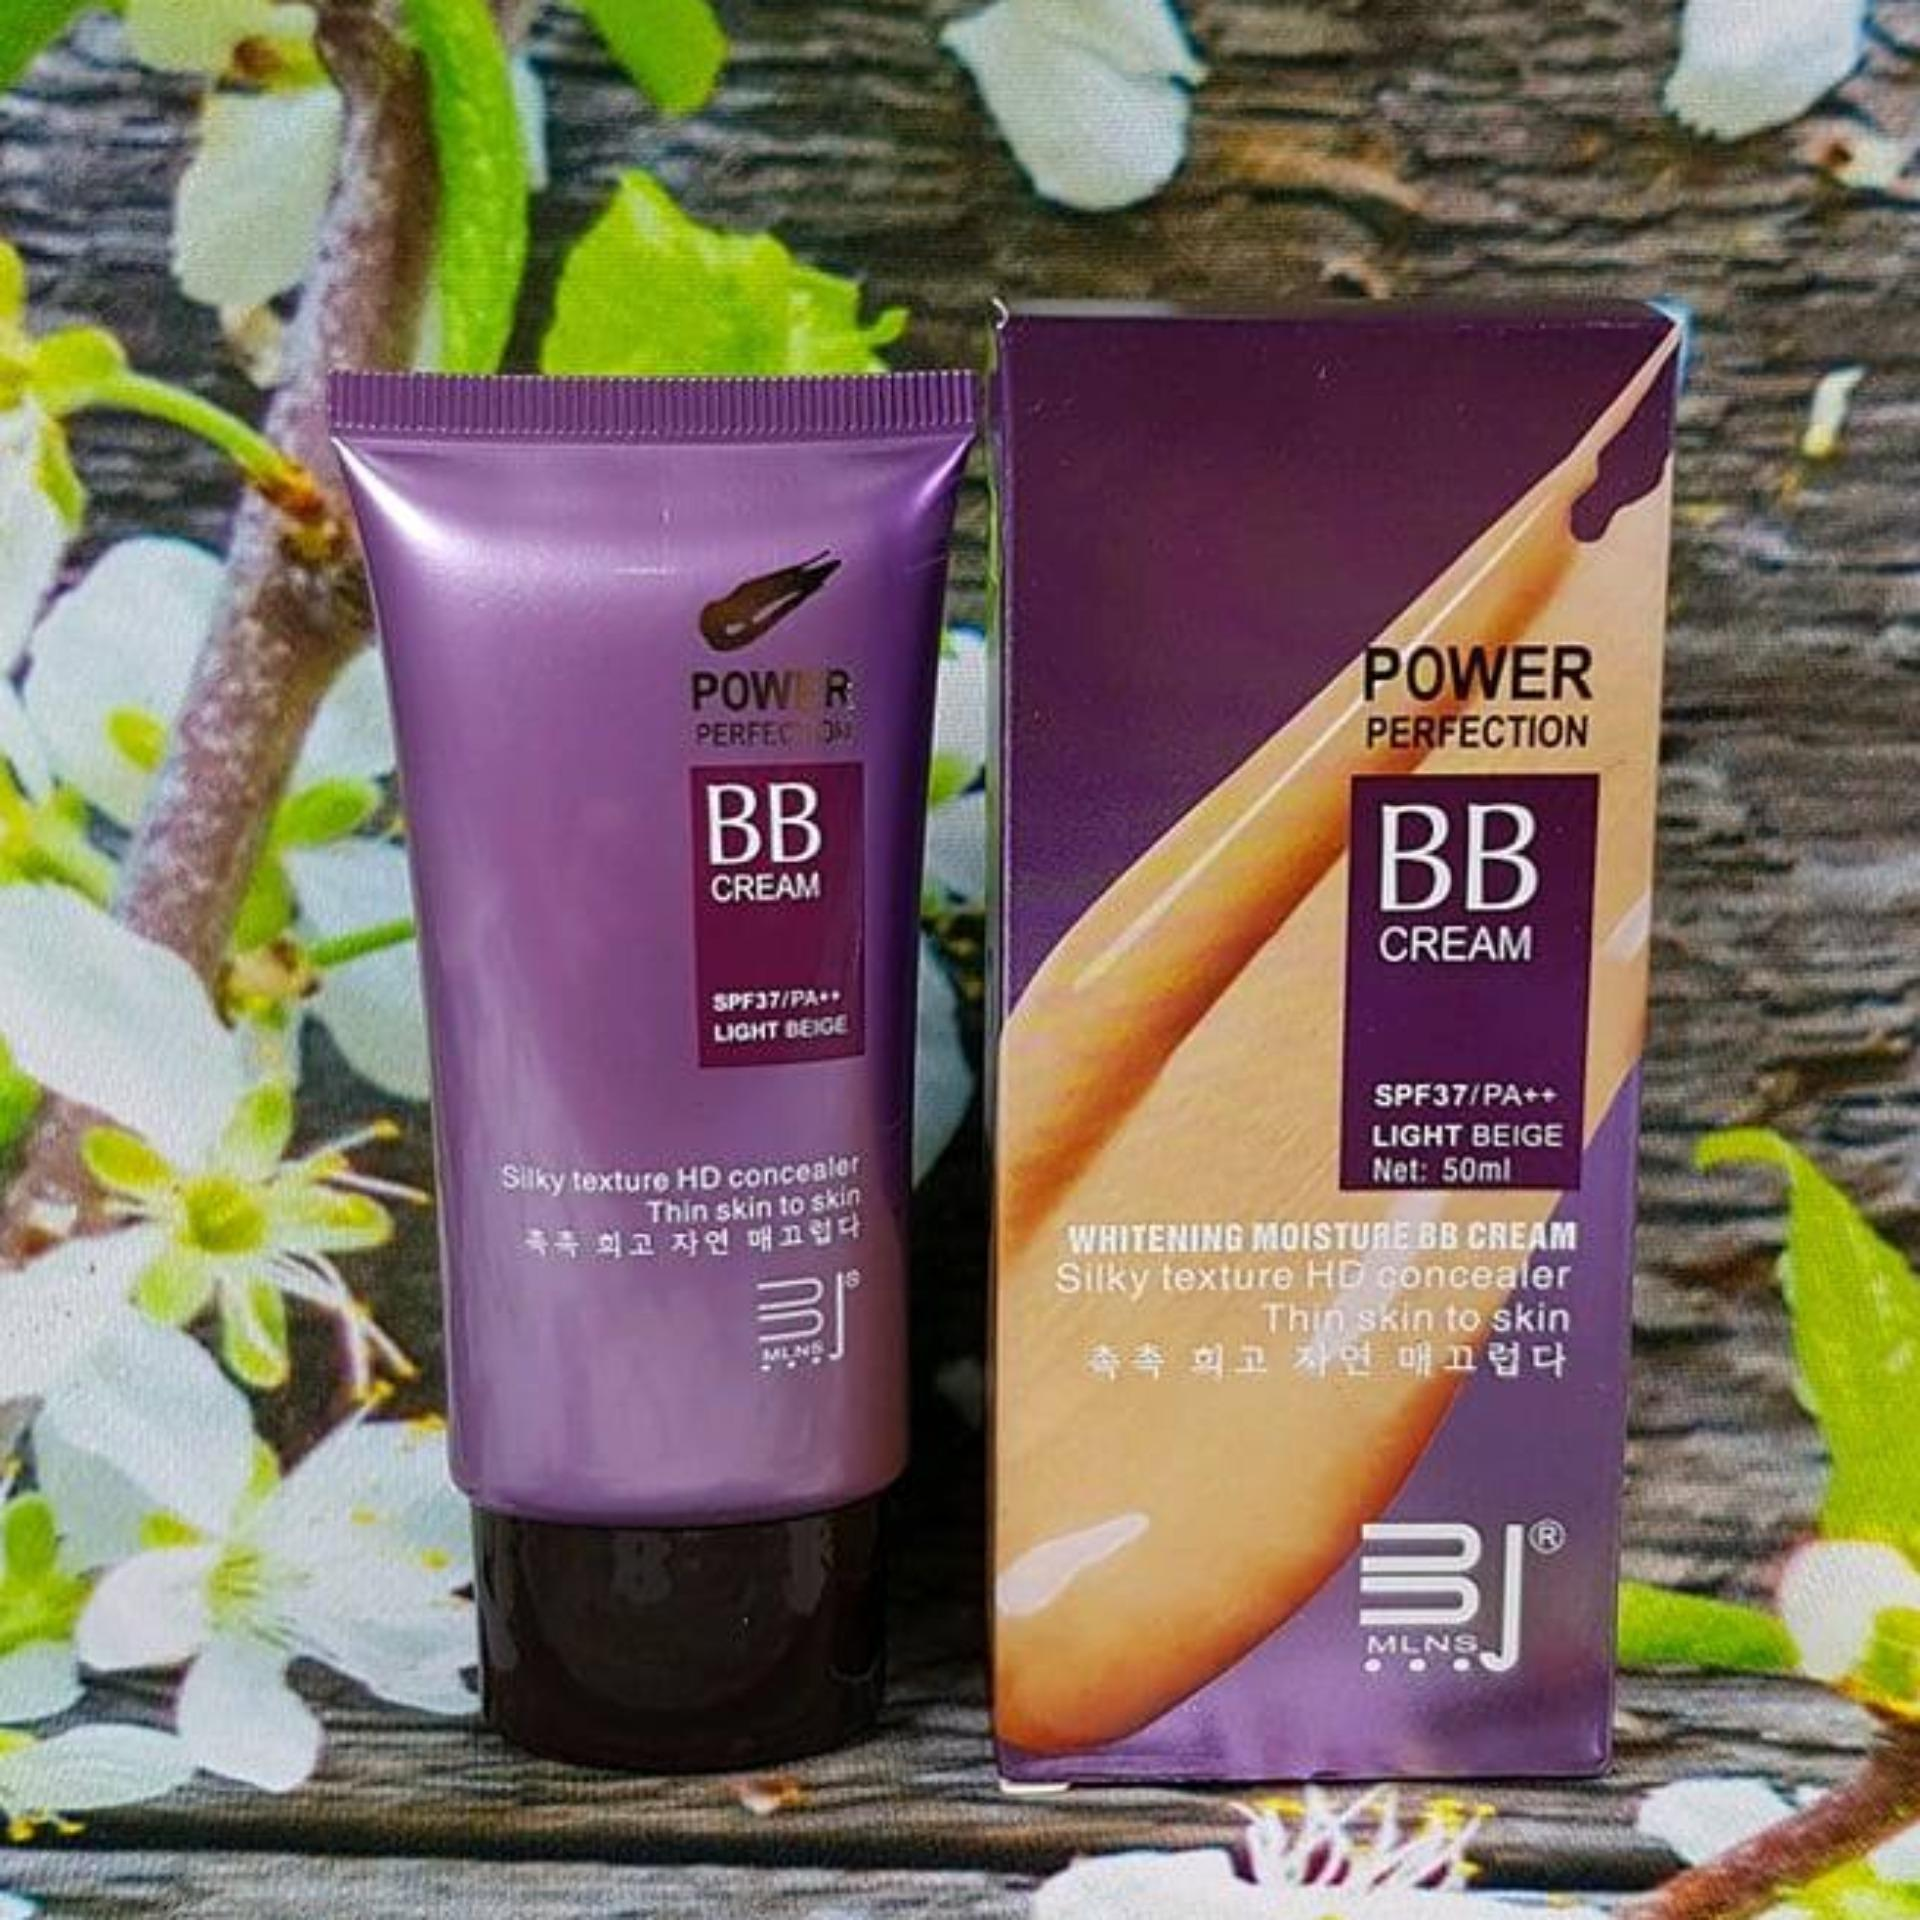 BB cream spf37/pa++ light beige 50ml|nền và che khuyết điểm cho da nhạy cảm-purple tốt nhất